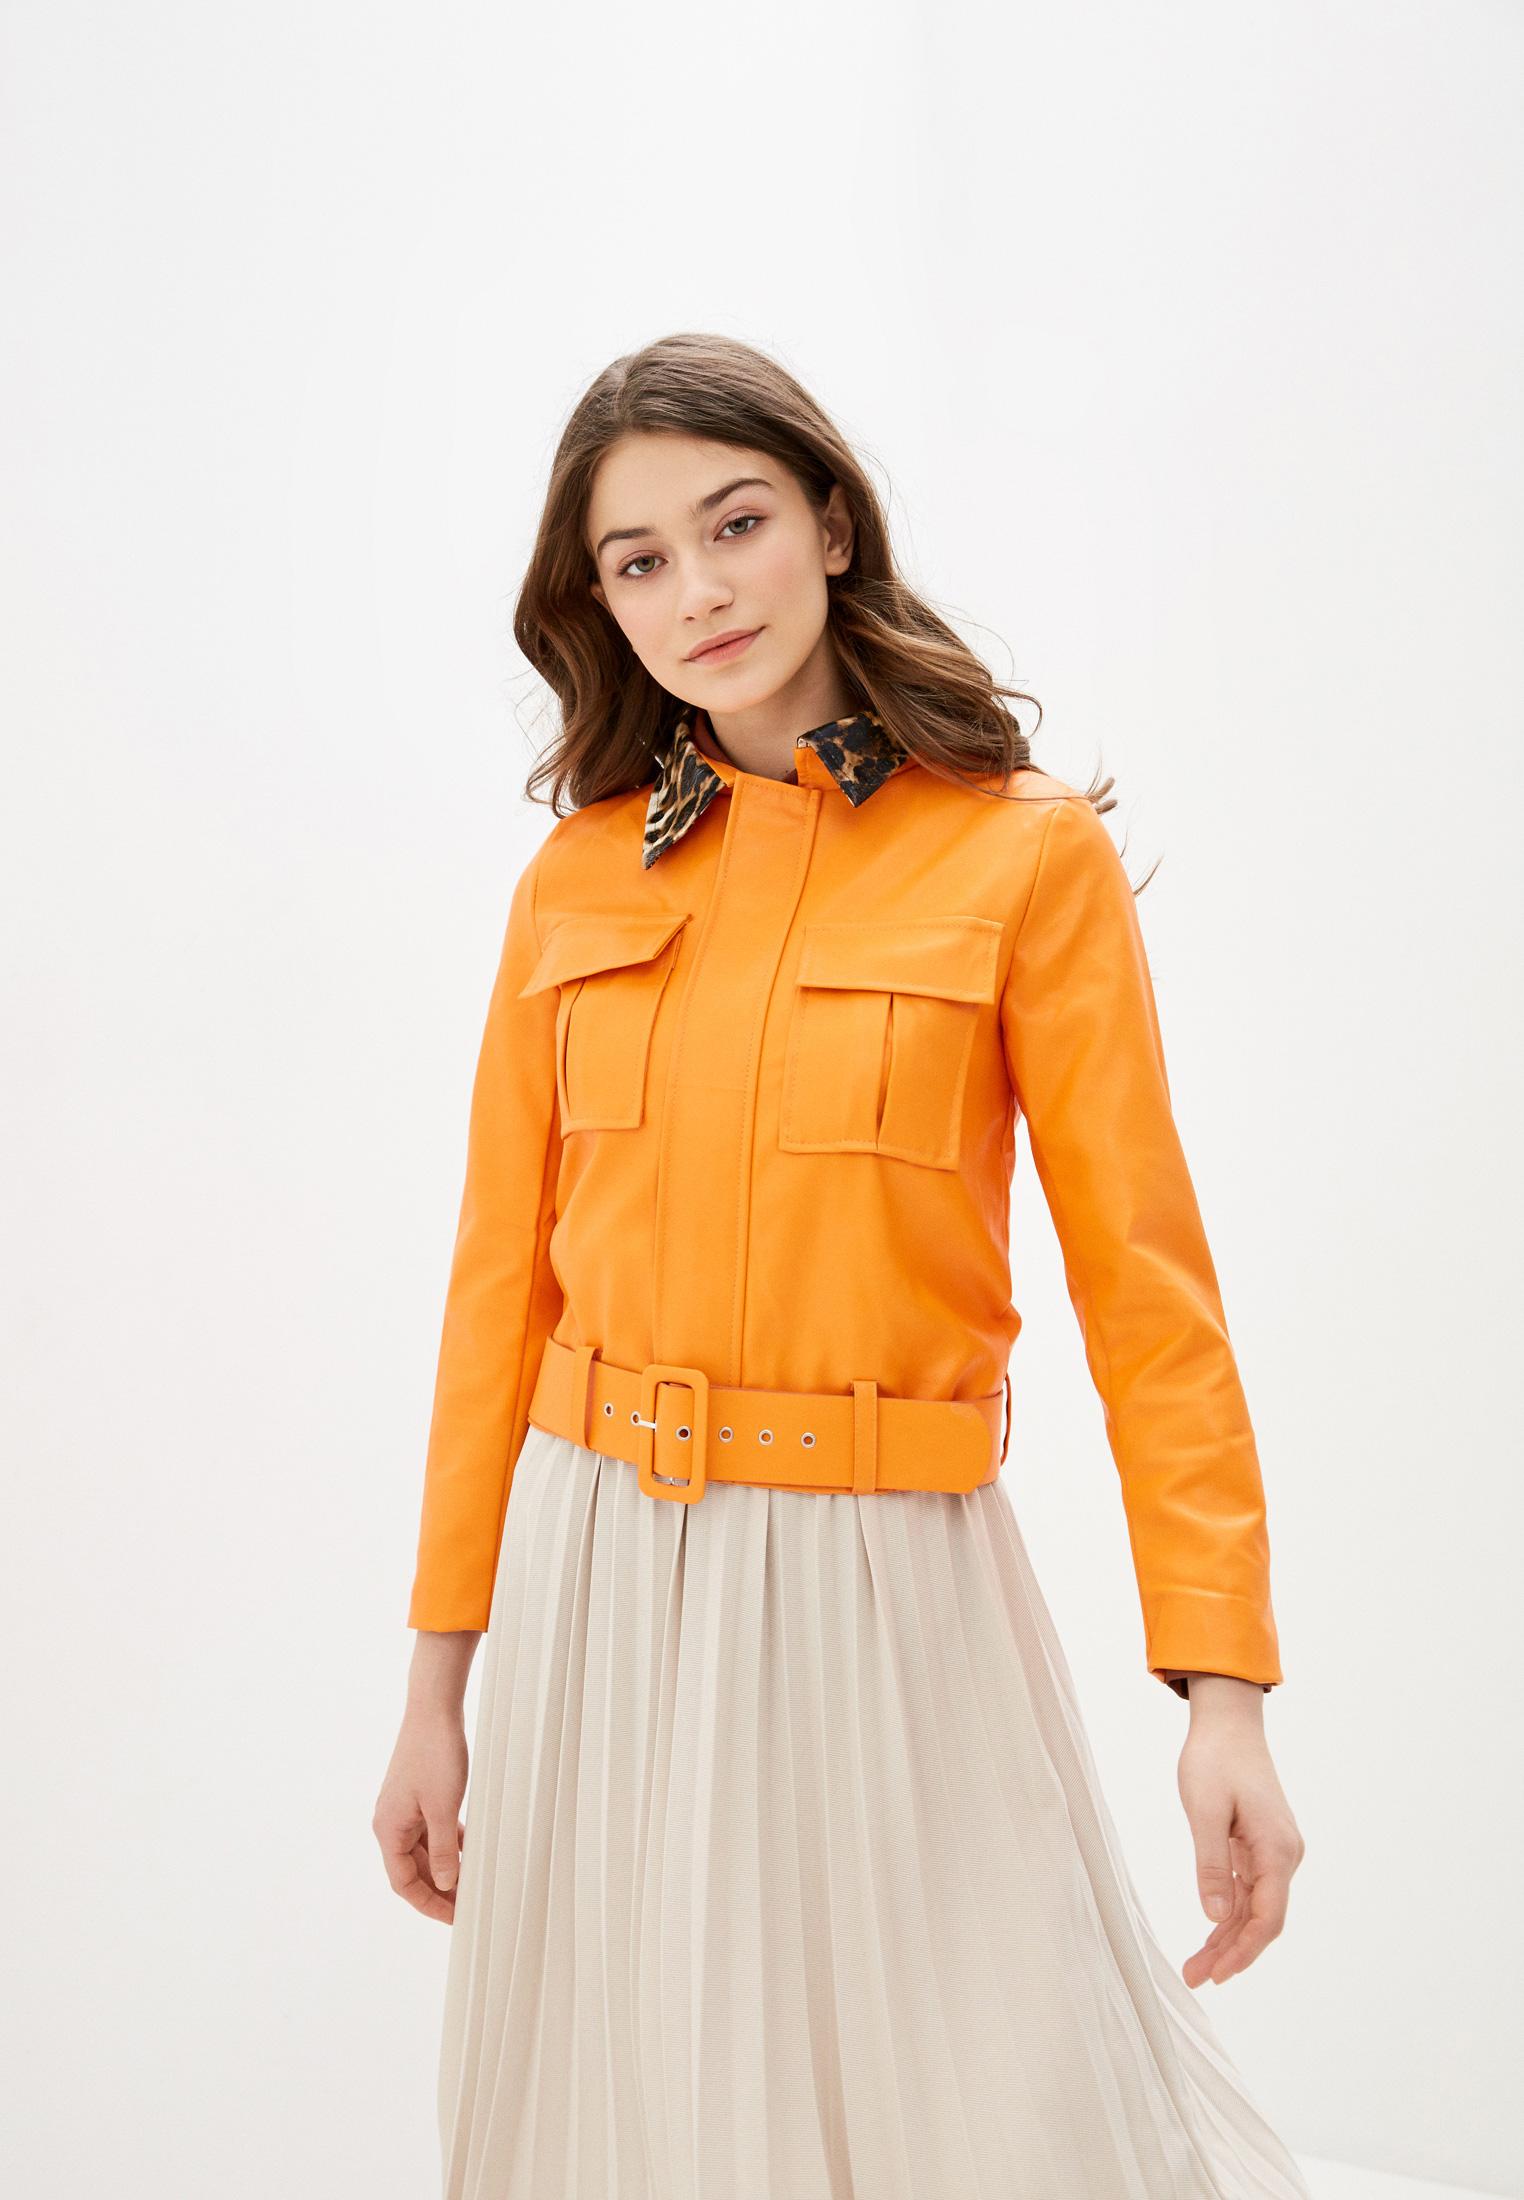 Кожаная куртка Nerouge N513-3